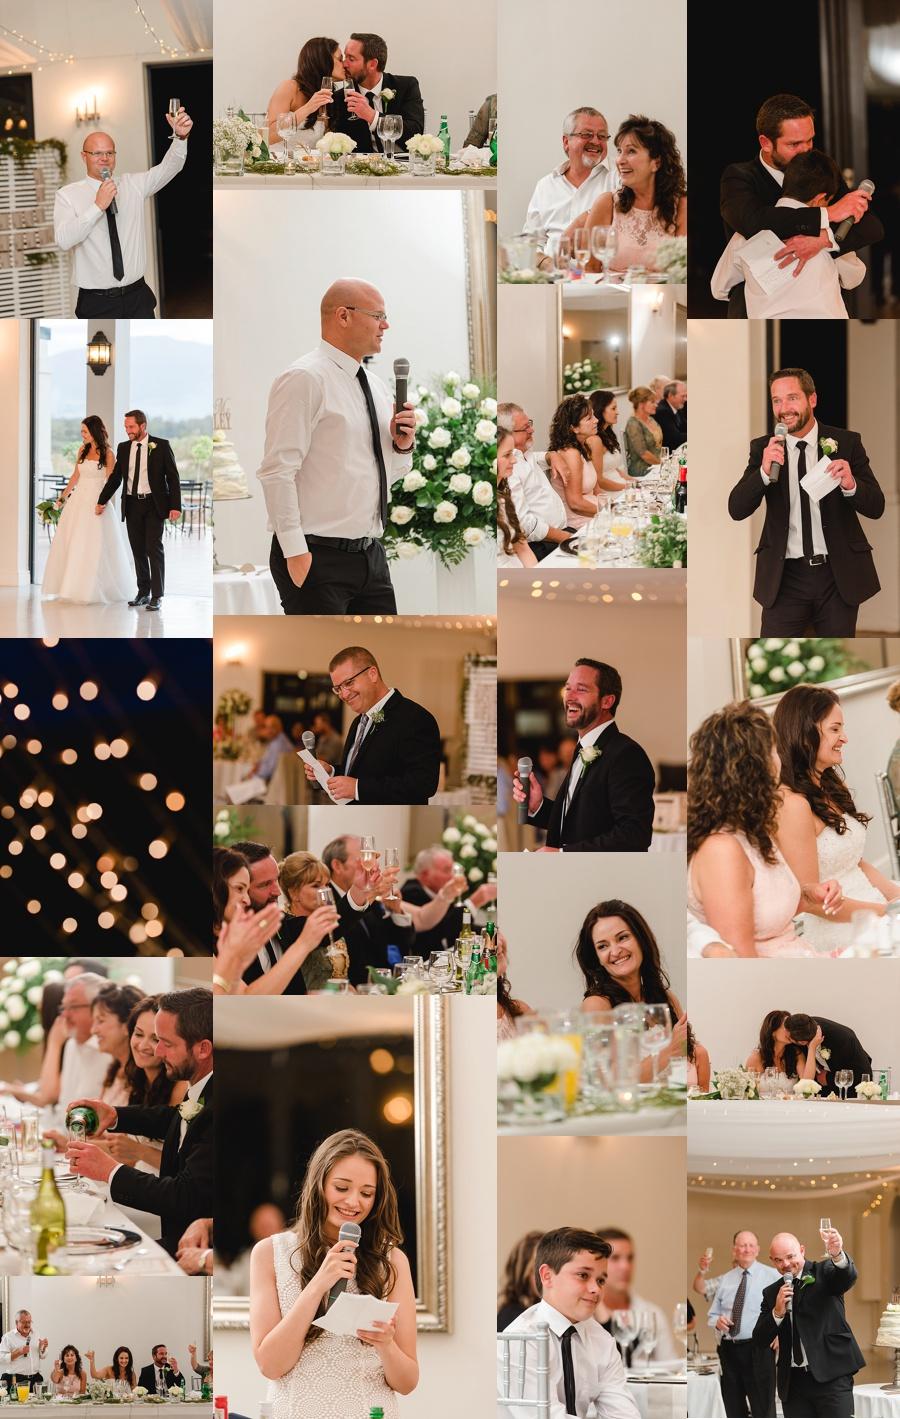 Darren Bester - Cape Town Wedding Photographer - Kronenburg - Cindy and Evan_0049.jpg